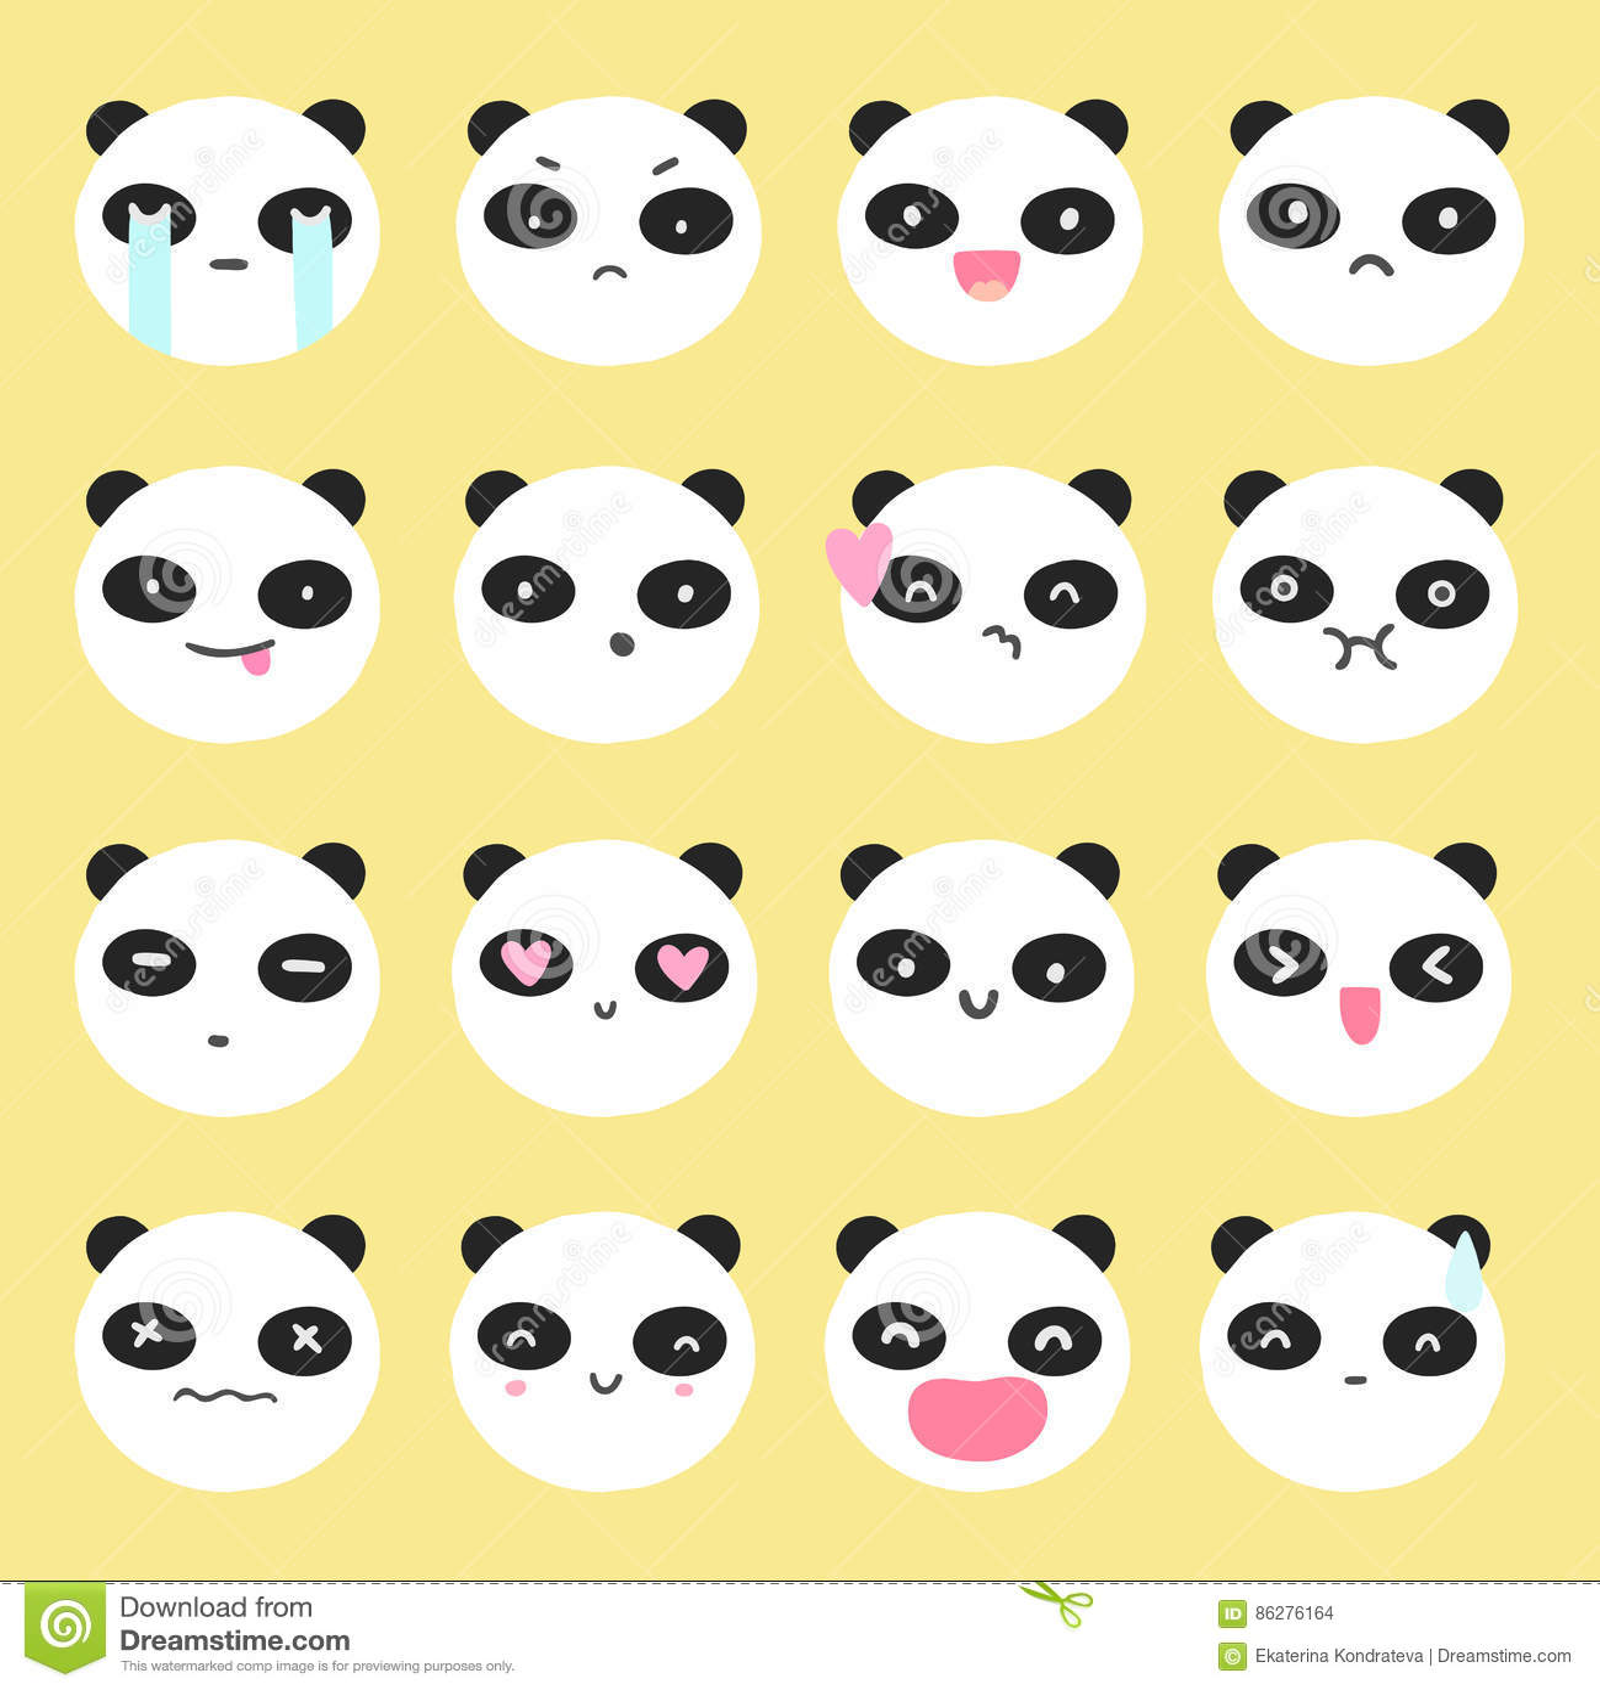 Cute black kawaii emoticon face cartoon vector 93200247 - Emoticone kawaii ...